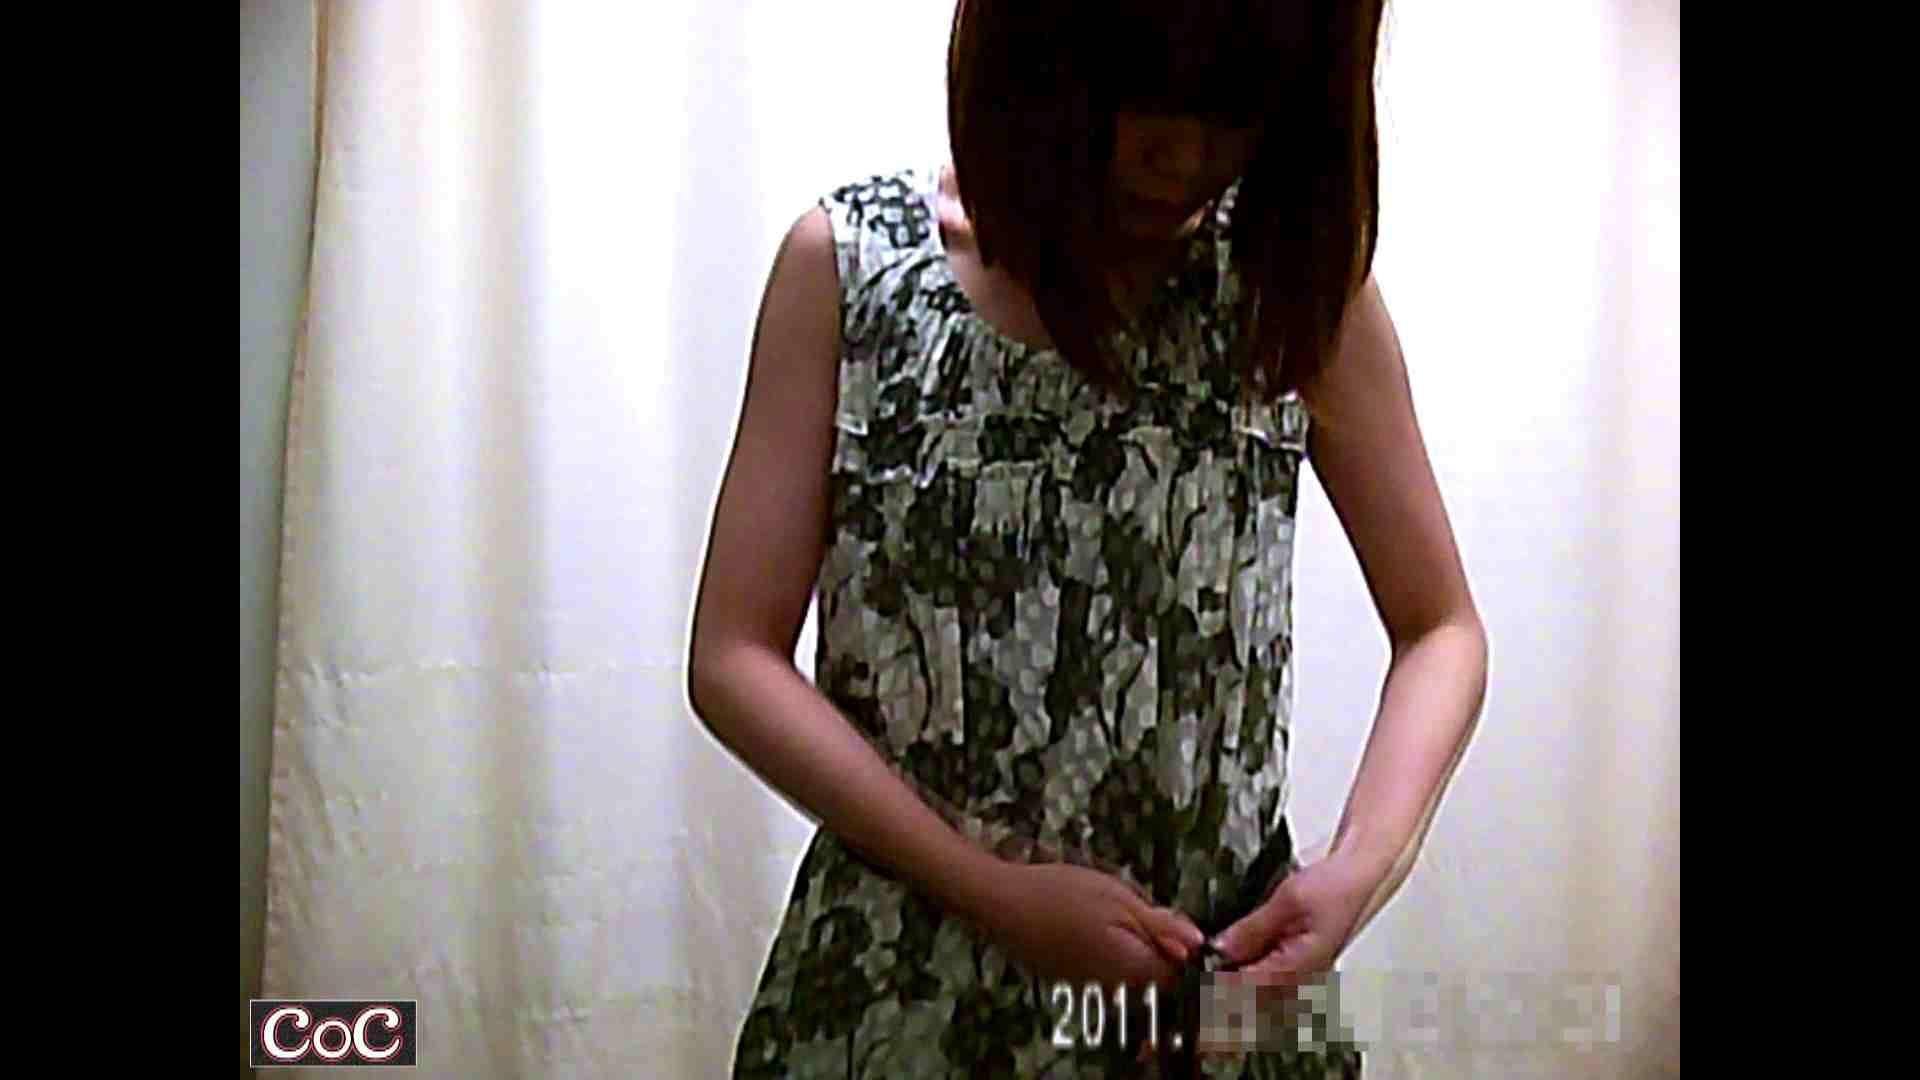 病院おもいっきり着替え! vol.125 貧乳ガールズ | OLすけべ画像  65連発 15